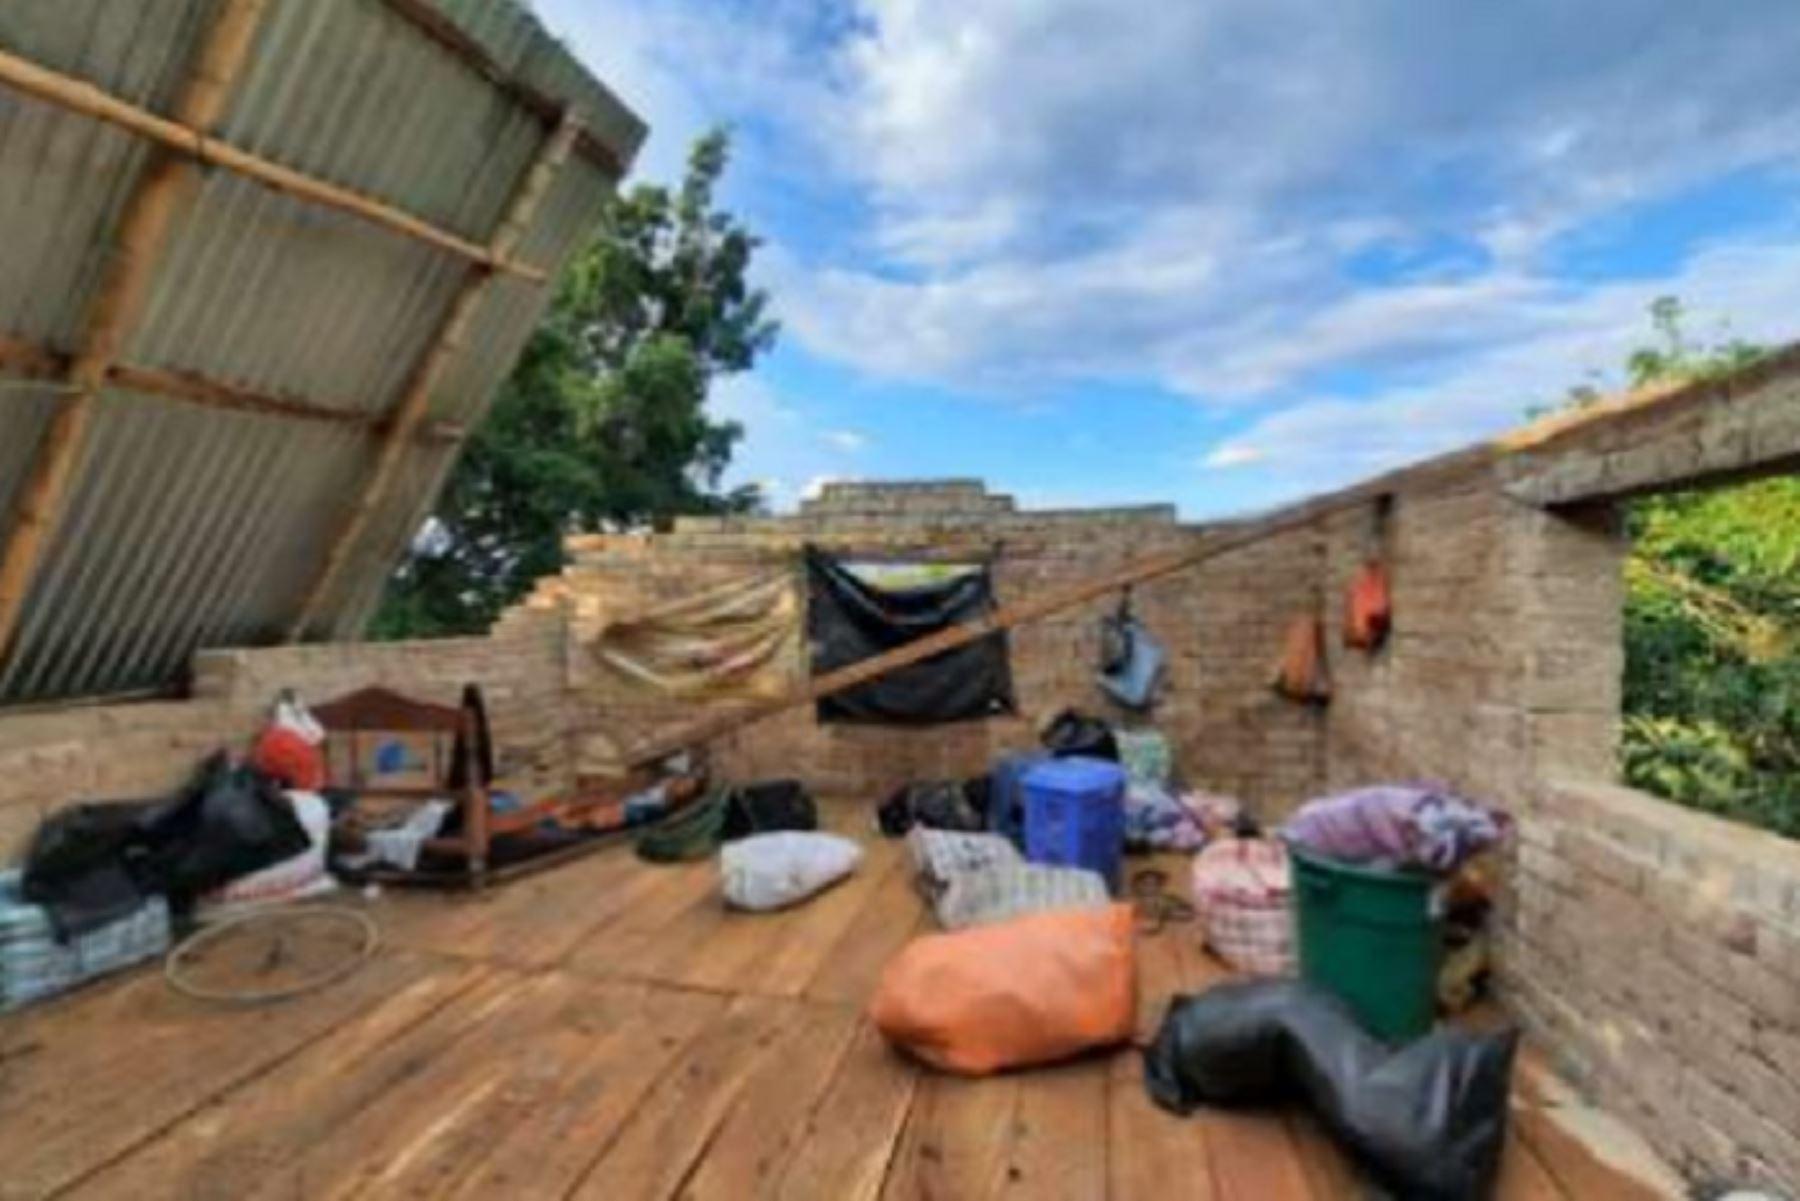 cajamarca-lluvias-y-vientos-fuertes-danan-20-viviendas-y-dejan-3-heridos